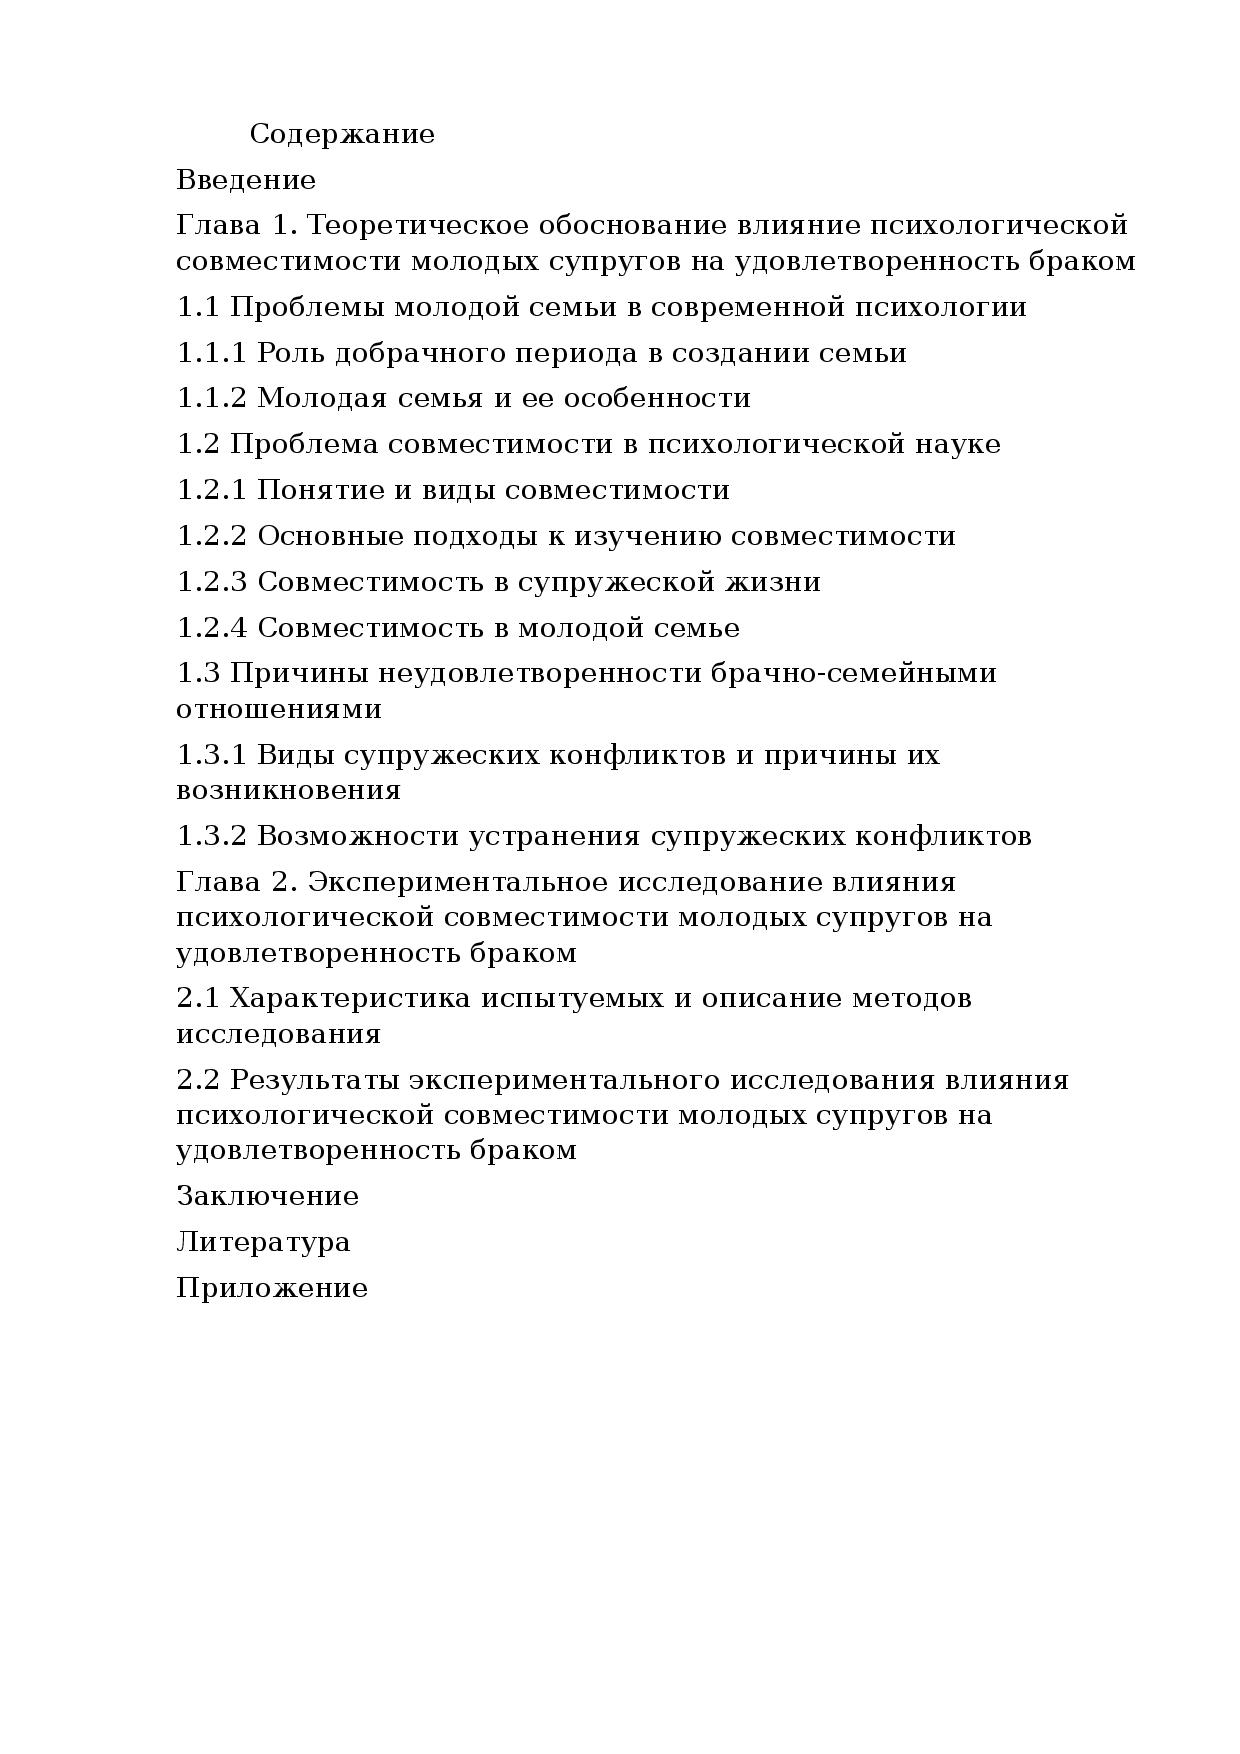 Как подобрать «идеального» партнера по дате рождения? | in-contri